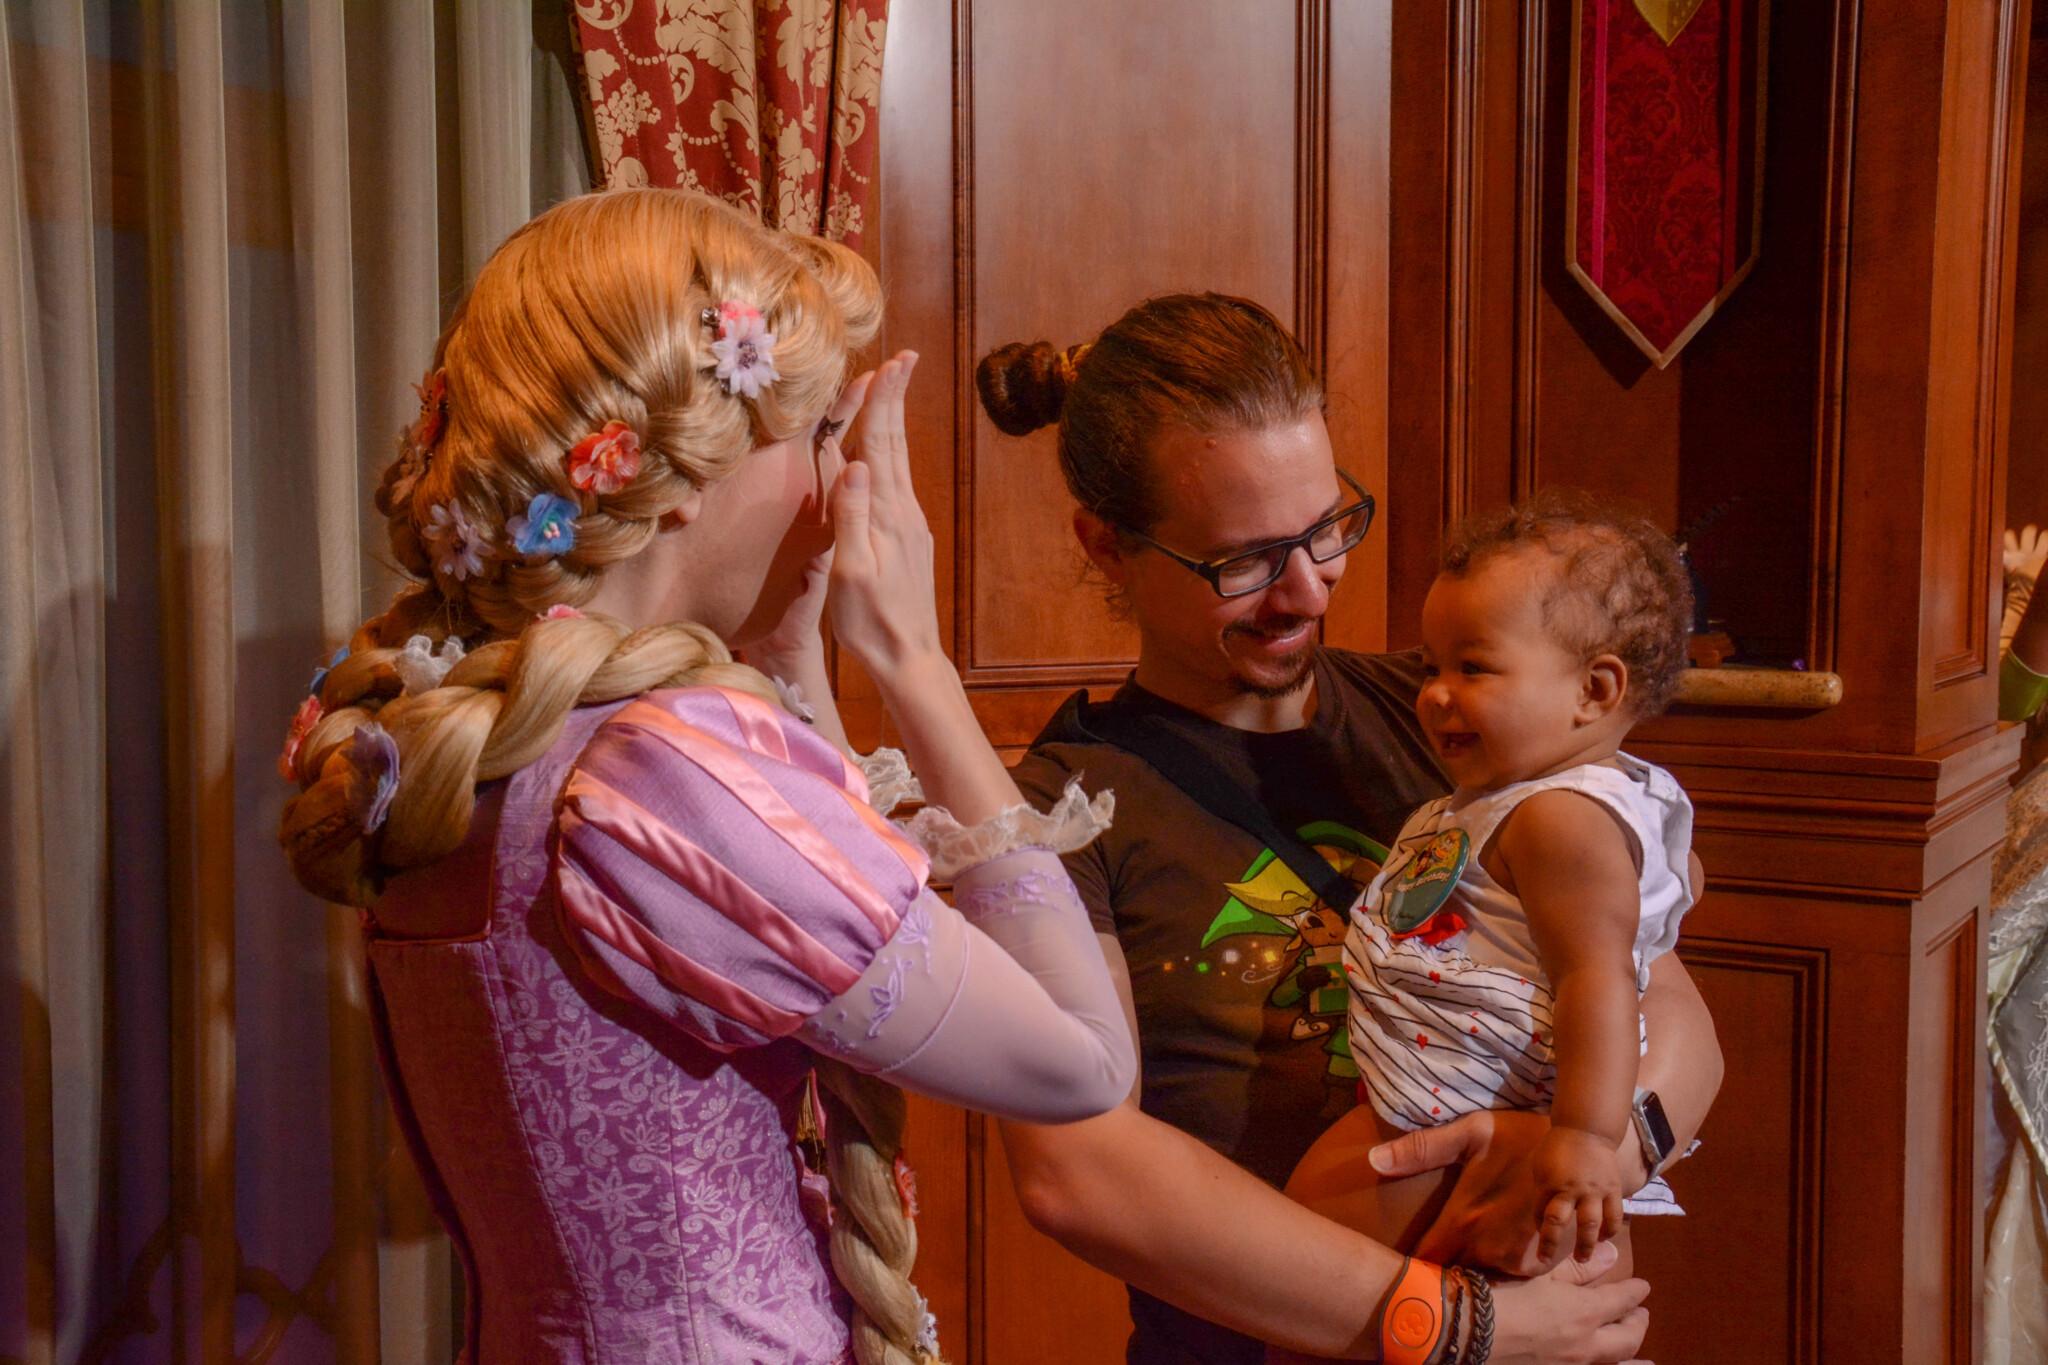 2 semaines en Floride avec un bébé de 1 an - Séjour du 2 au 16 mai 2019 DCL + WDW - Page 15 D1f858e1-6ca9-4bba-86df-f0be14cdb462-2048x1365